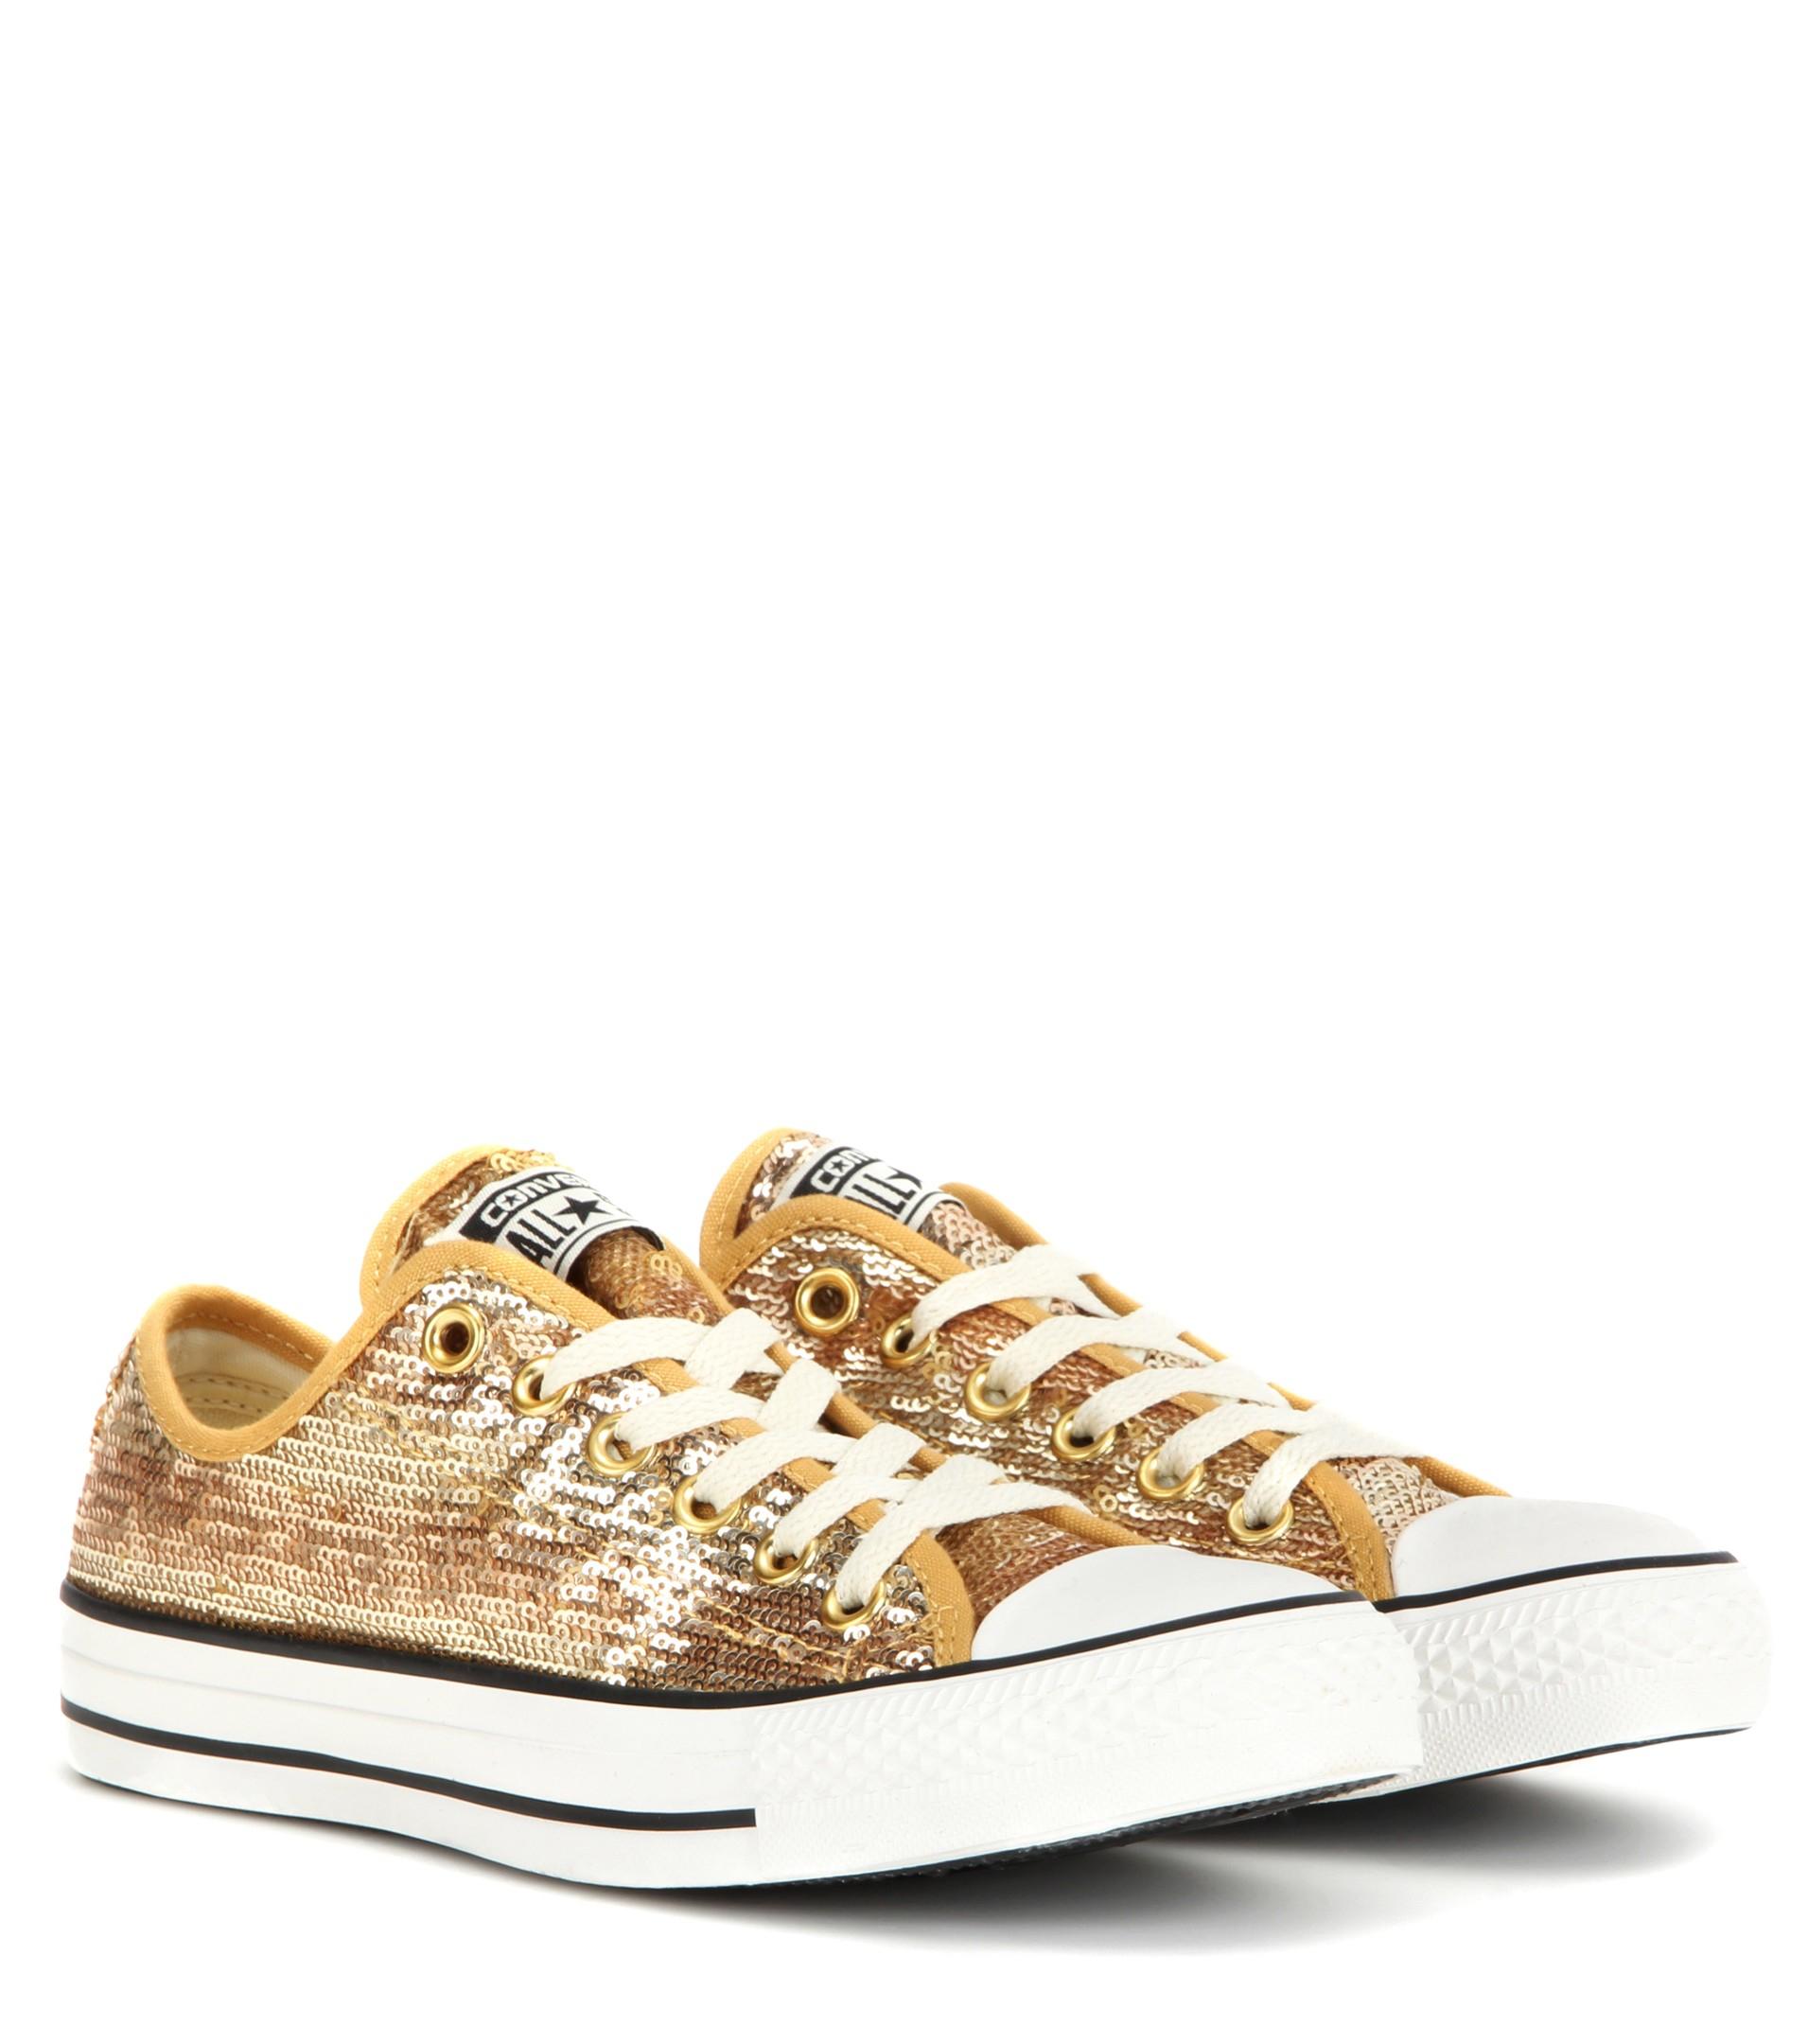 converse gold glitter